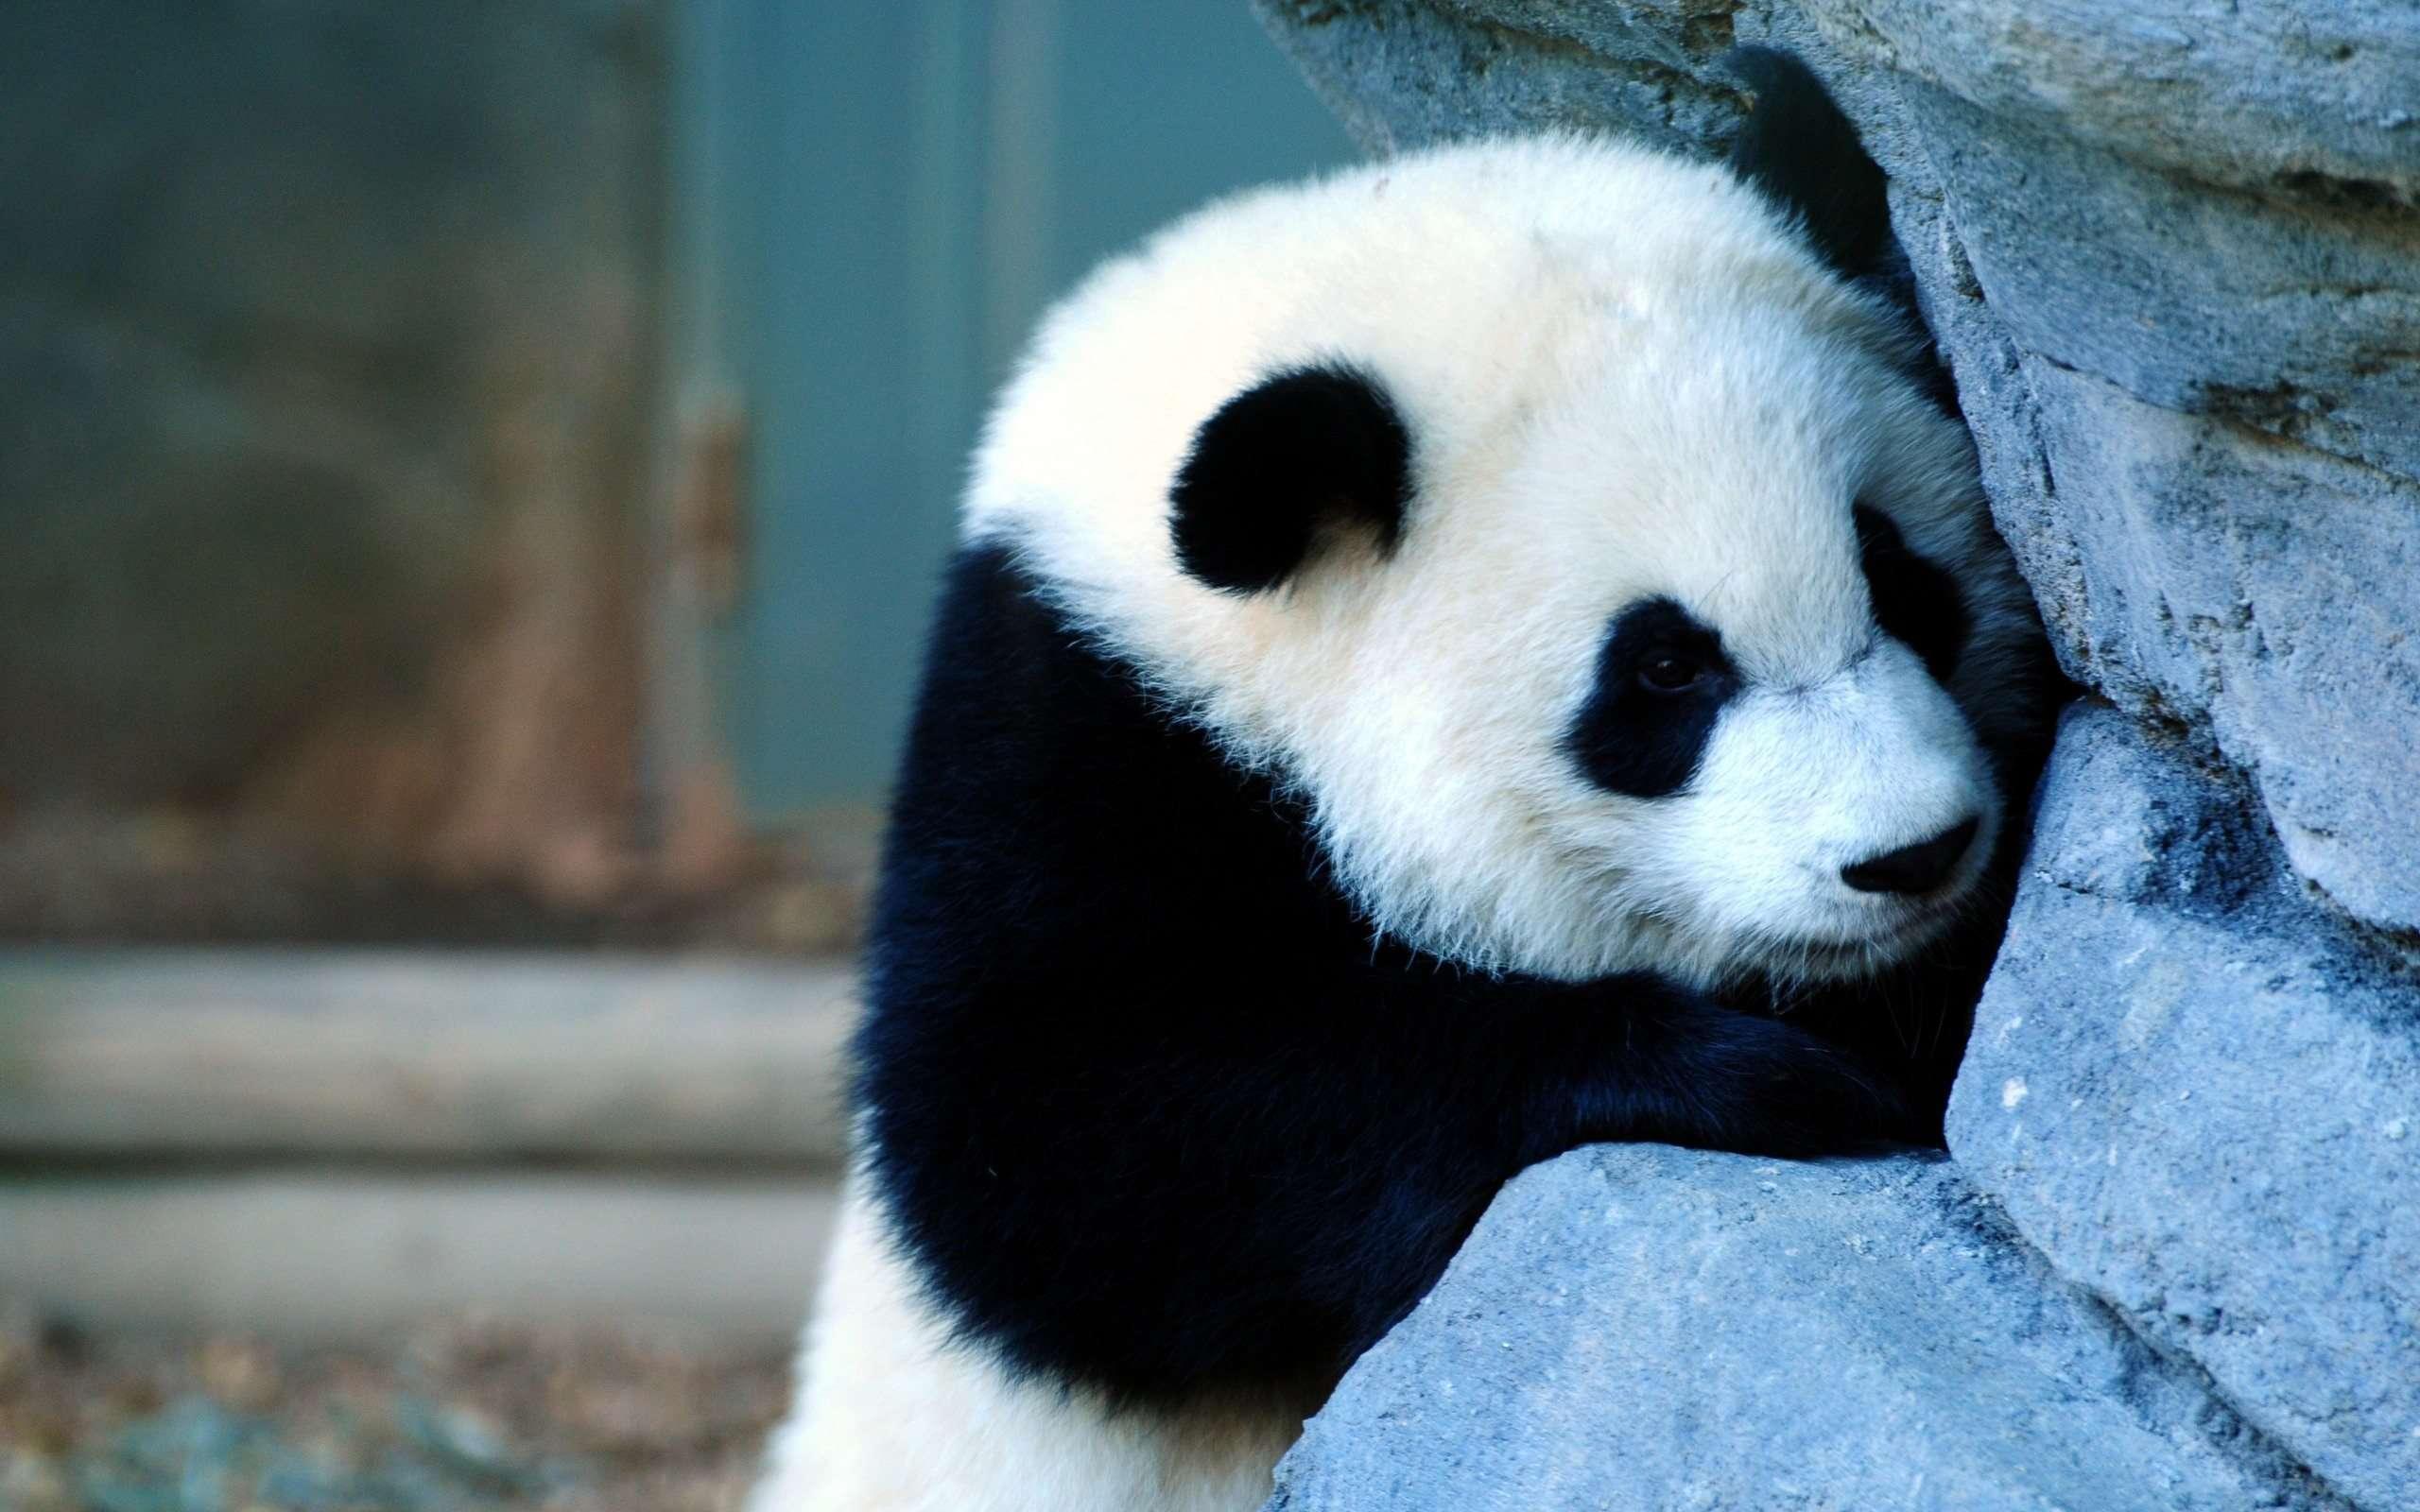 Cute Panda Wallpaper 15790 2560x1600 px